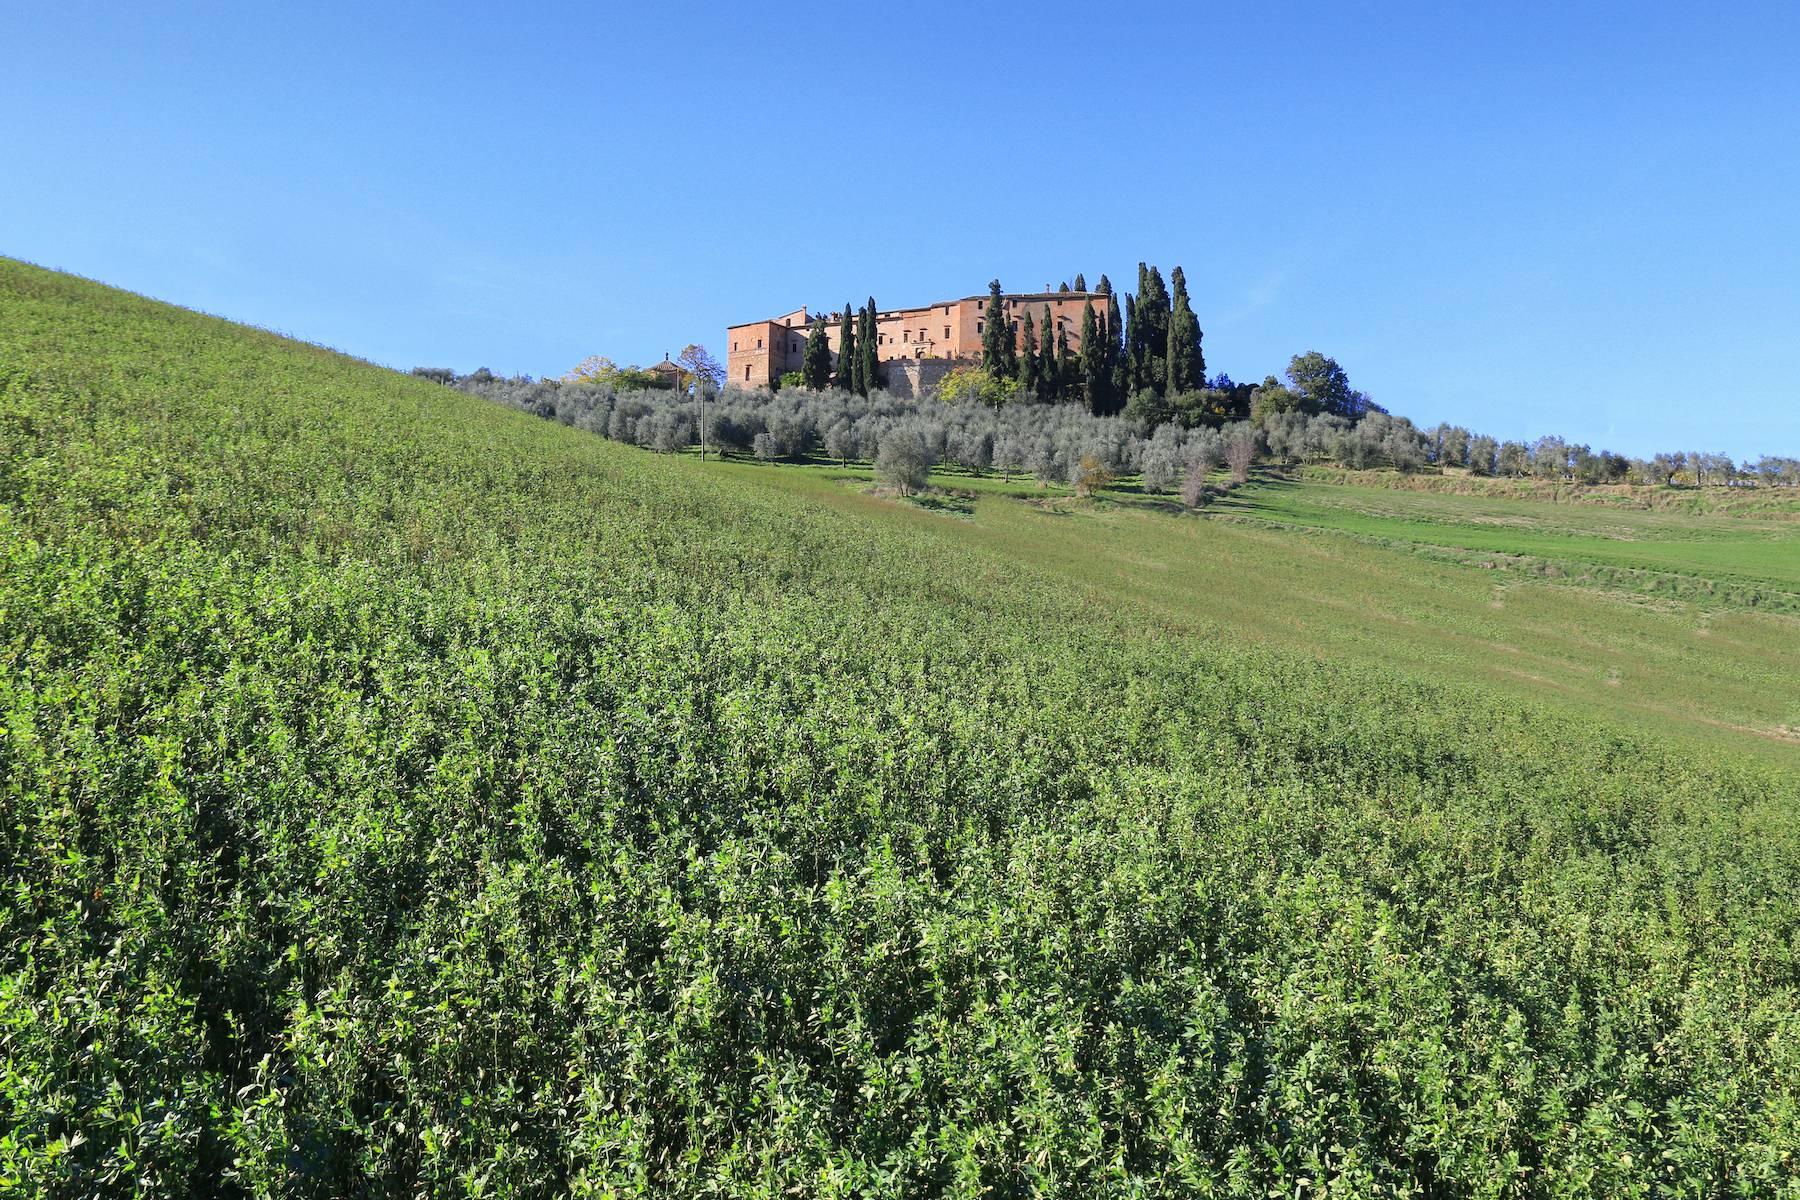 Villa in Vendita a Montalcino: 5 locali, 3800 mq - Foto 3